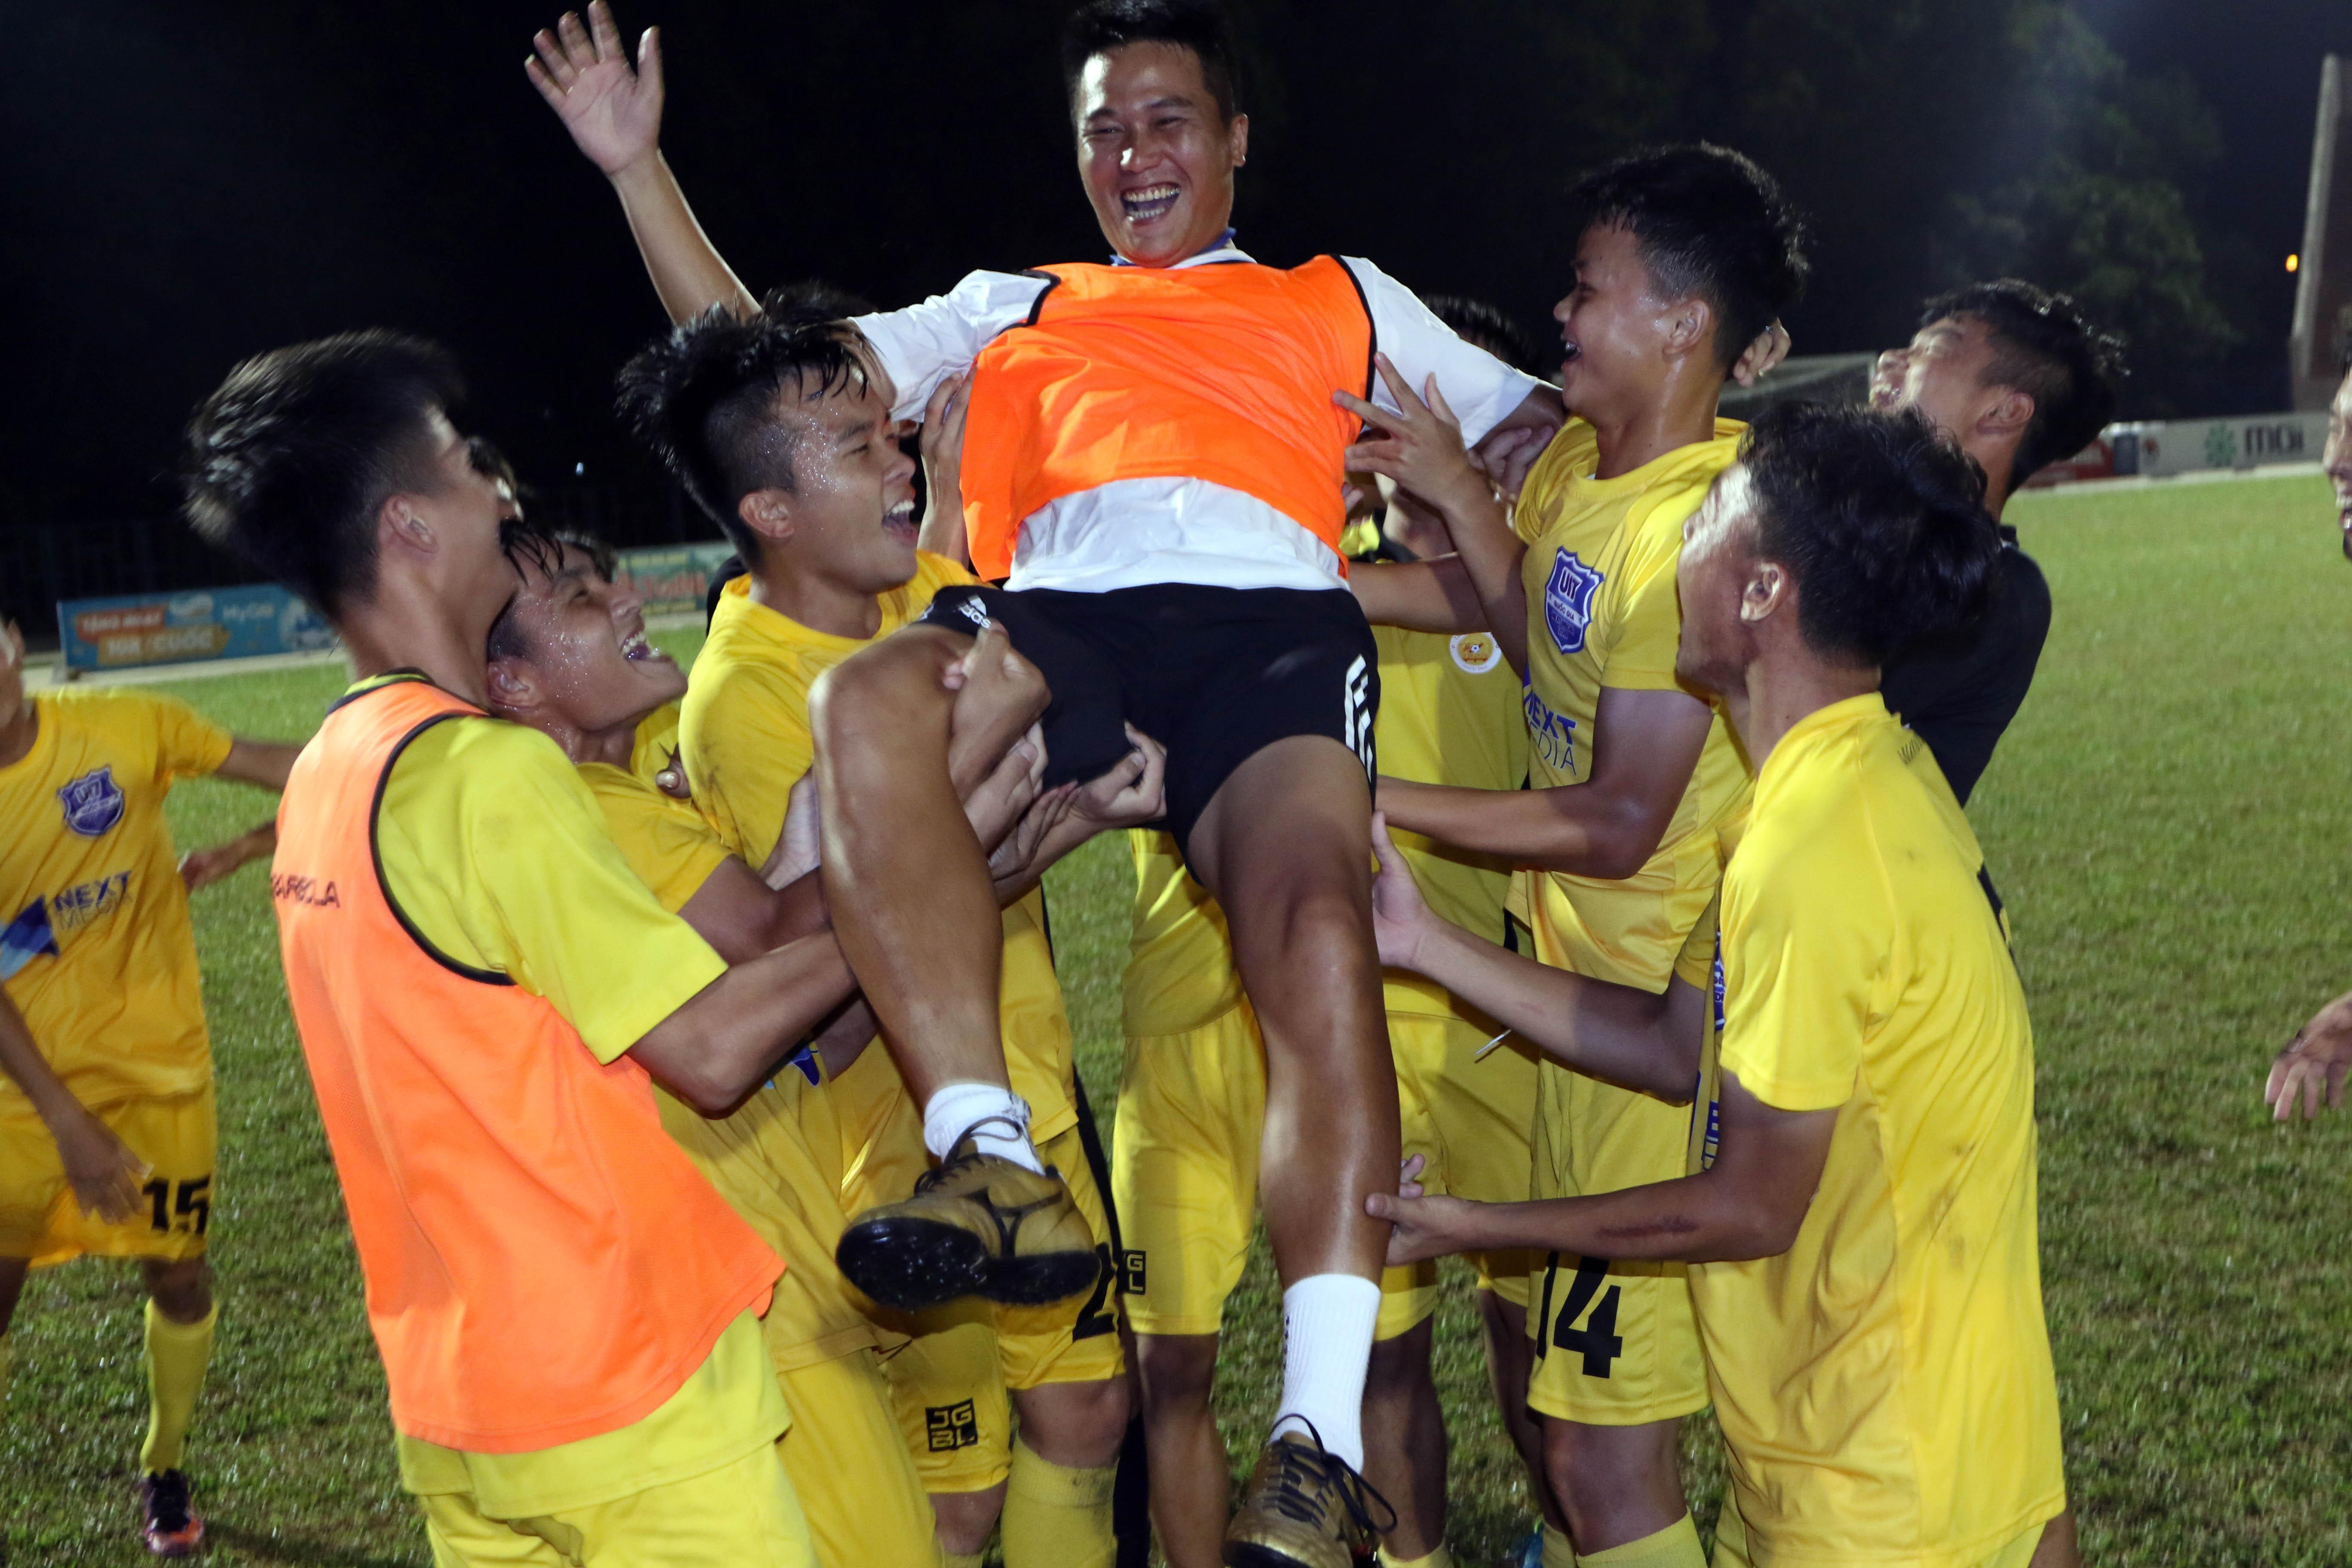 Thanh Hóa trở thành đối thủ của PVF trong trận chung kết Giải vô địch U17 QG- Next Media 2019